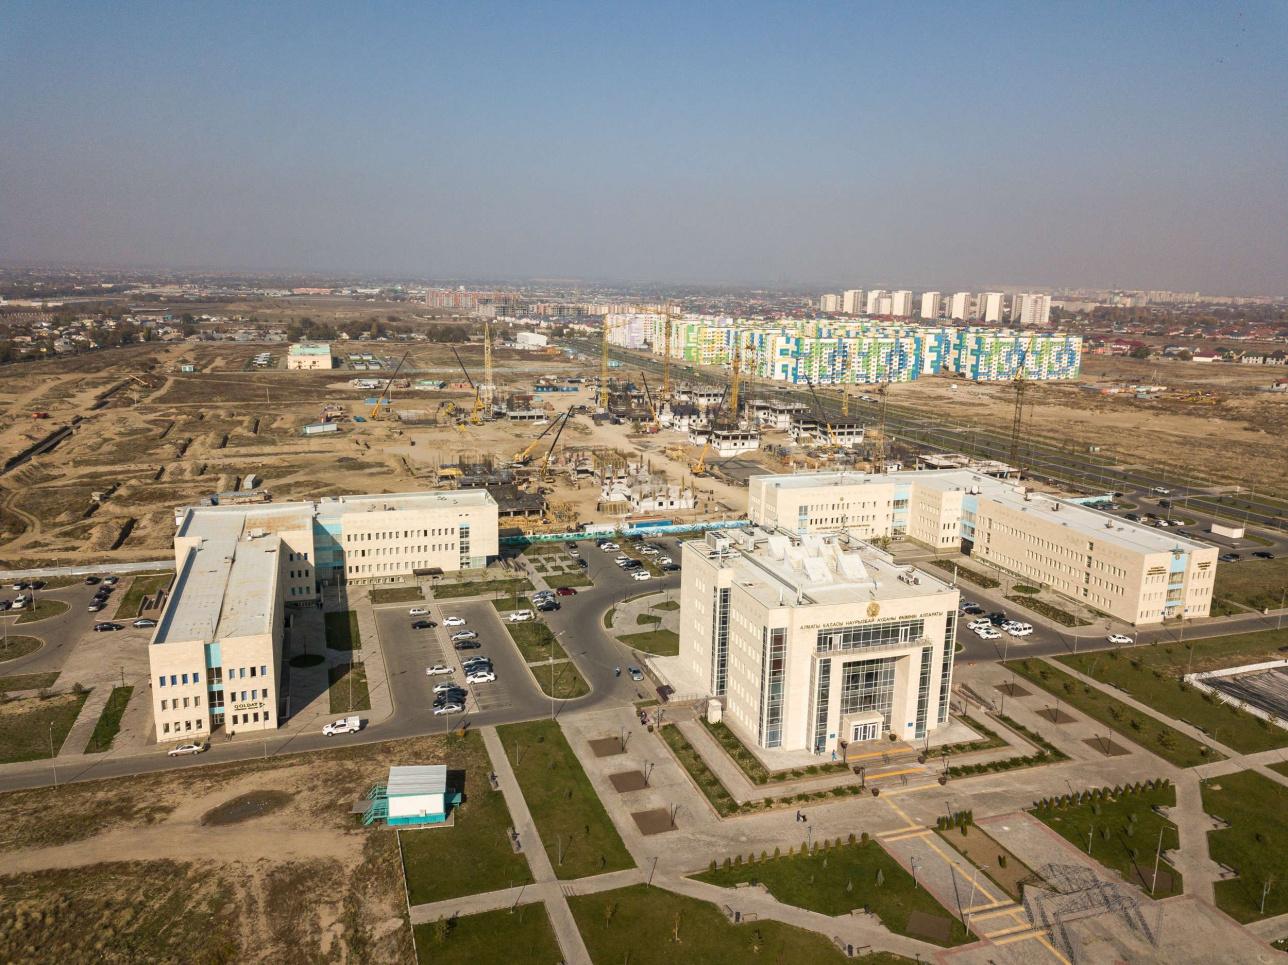 Наурызбай ауданының әкімшілік кешені